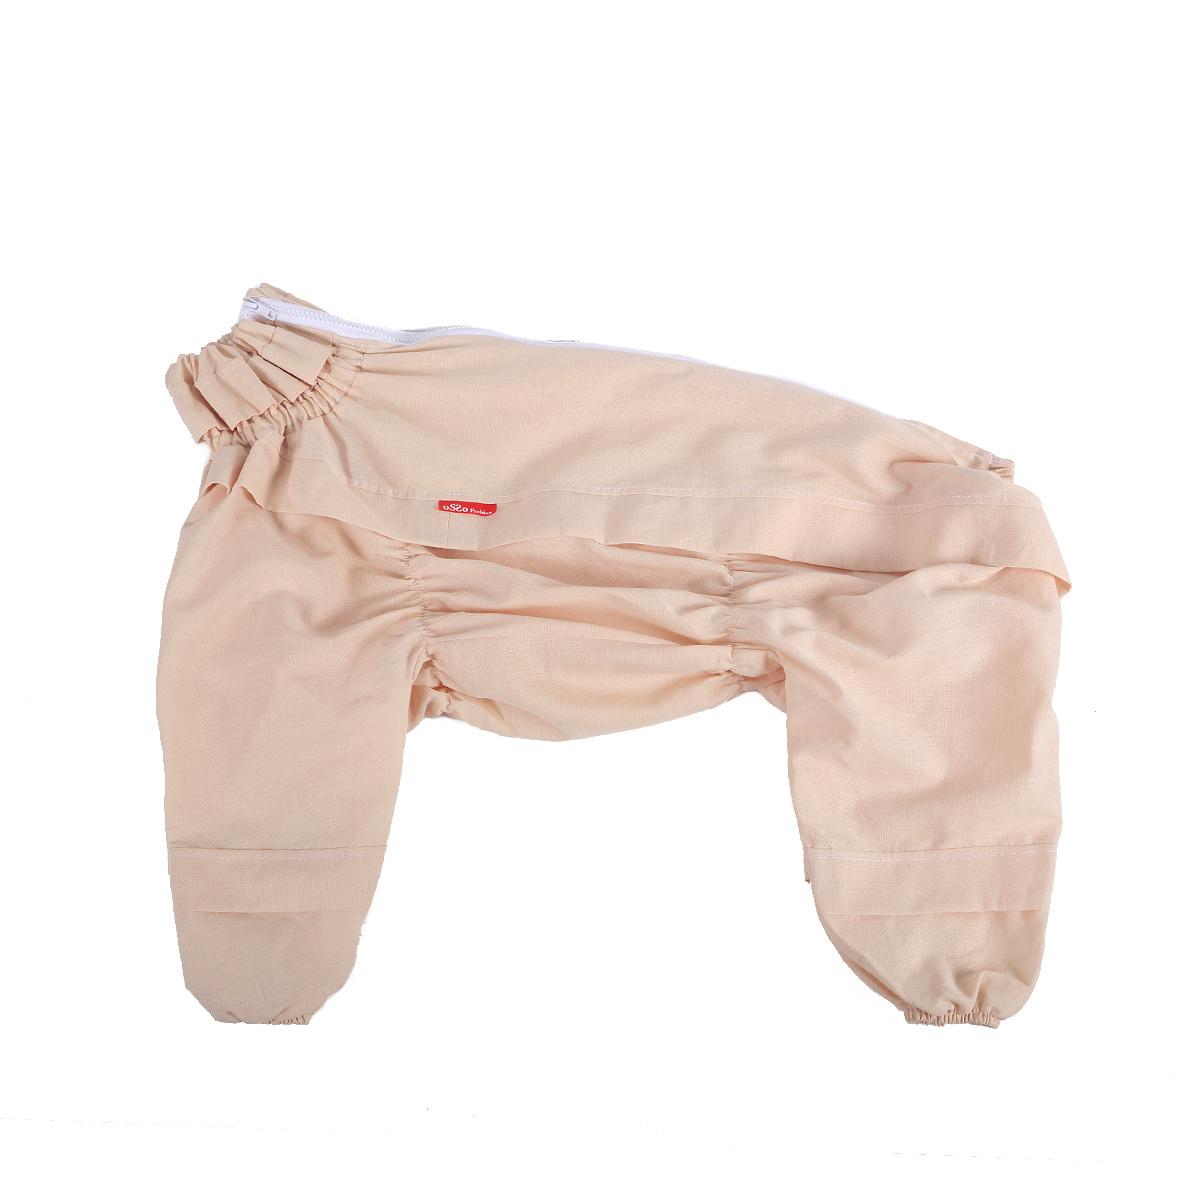 Комбинезон для собак OSSO Fashion, от клещей, для девочки, цвет: бежевый. Размер 50DM-160101-4_синийКомбинезон для собак OSSO Fashion изготовлен из 100% хлопка, имеет светлую расцветку, на которой сразу будут заметны кровососущие насекомые. Комбинезон предназначен для защиты собак во время прогулок по парку и лесу. Разработан с учетом особенностей поведения клещей. На комбинезоне имеются складки-ловушки на груди, на штанинах, на боках комбинезона и на шее, которые преграждают движение насекомого вверх. Комбинезон очень легкий и удобный. Низ штанин на резинке, на спине застегивается на молнию.Длина спинки: 50 см.Объем груди: 64-84 см.